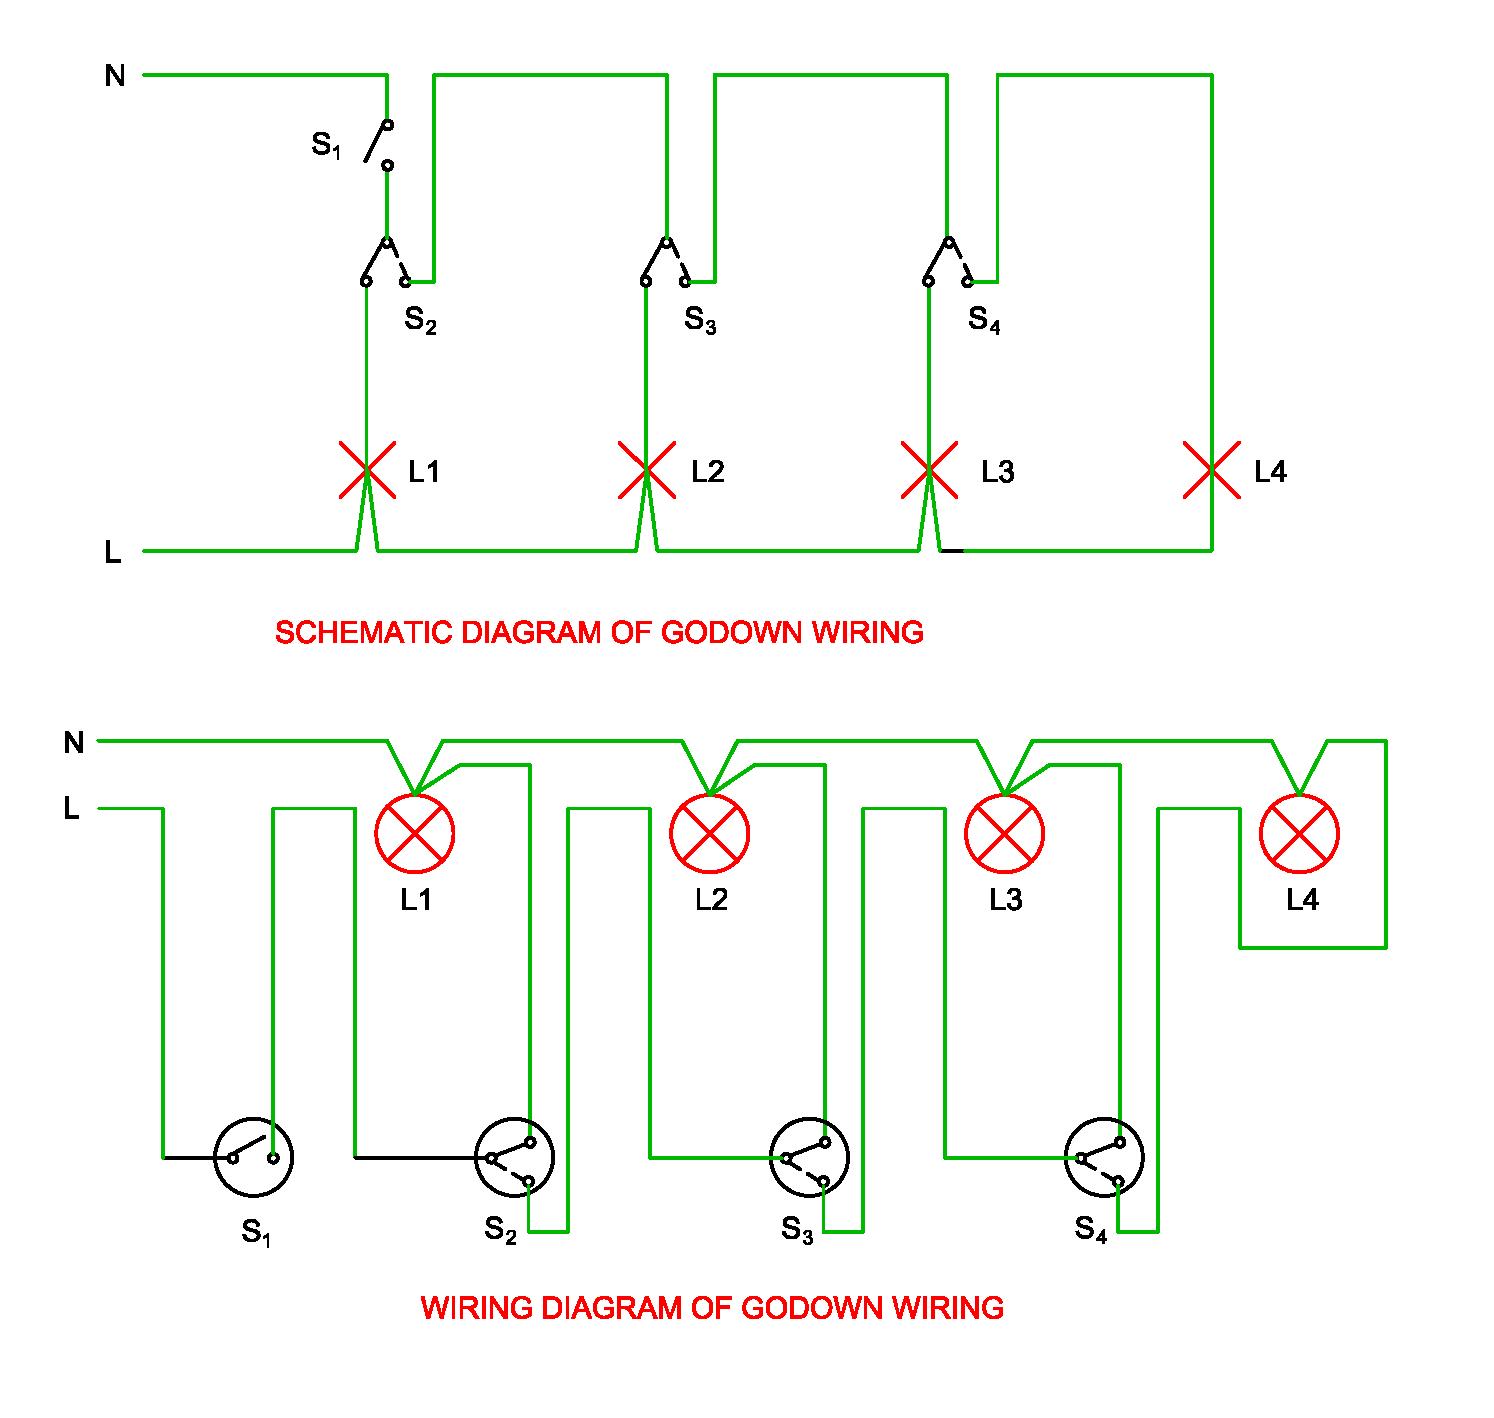 150Cc Carbide Go Kart Wiring Diagram from 1.bp.blogspot.com